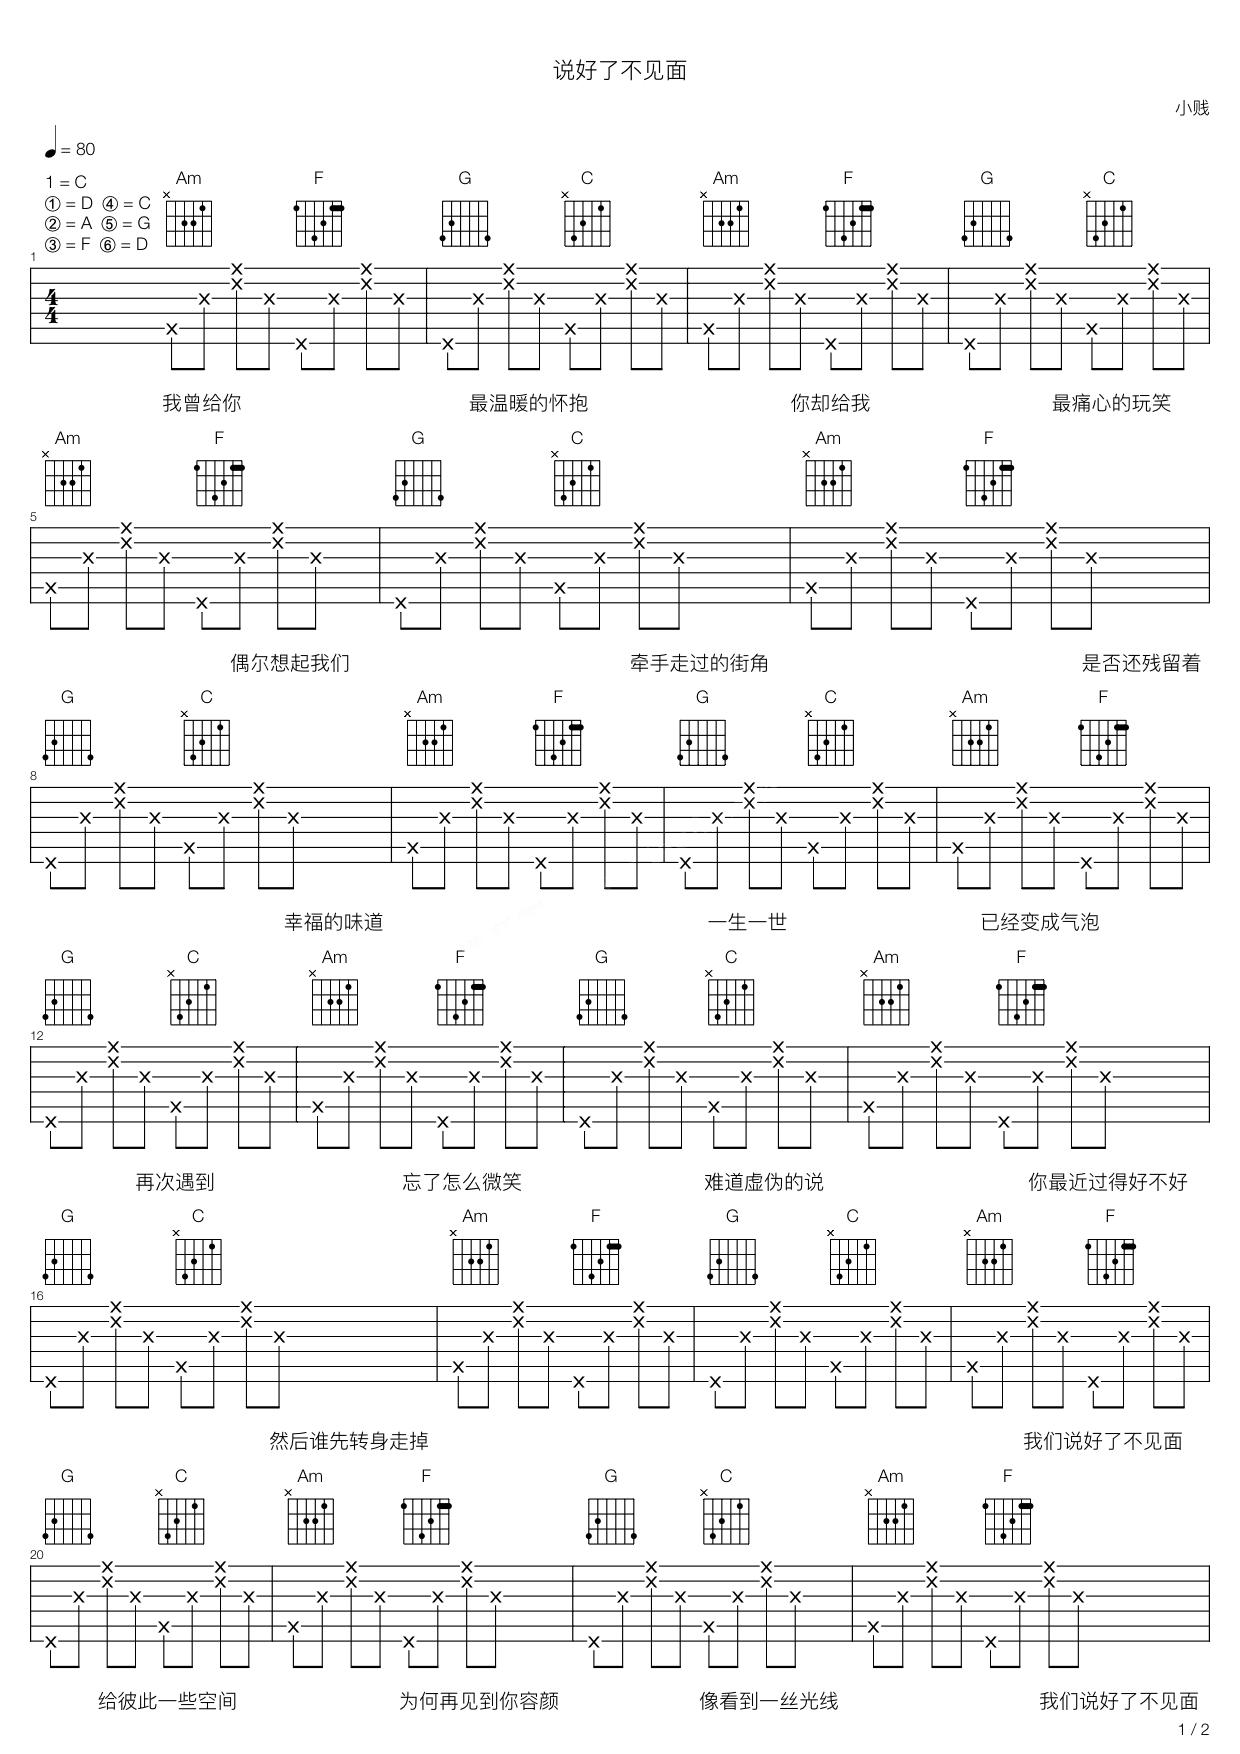 依靠任贤齐_说好了不见面吉他谱 小贱-彼岸吉他 - 一站式吉他爱好者服务平台